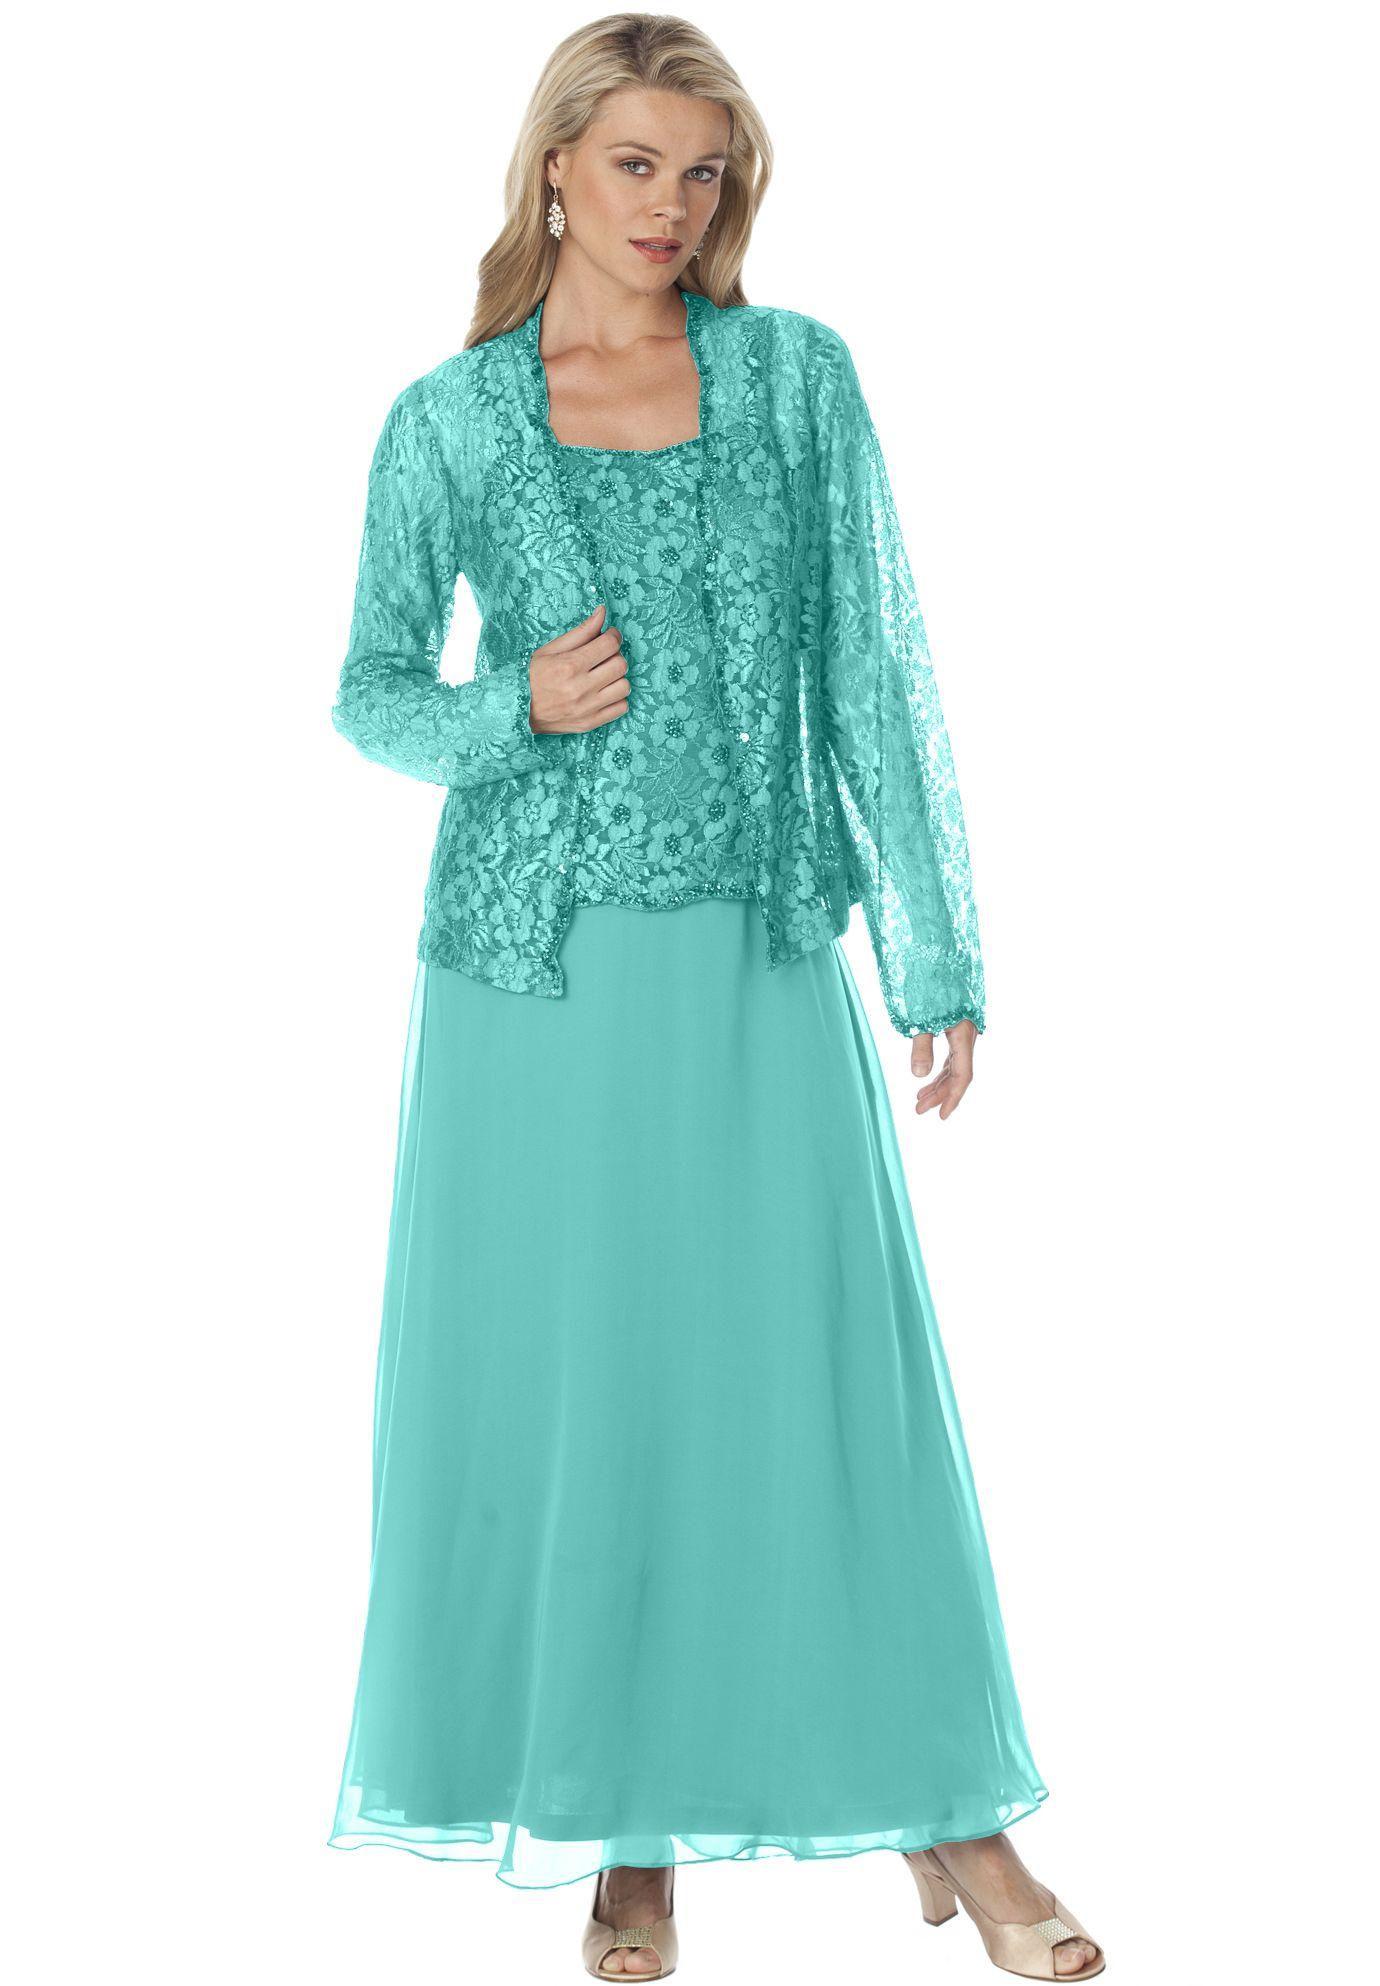 Beaded Lace Jacket Dress   Plus Size Summer Wedding   Roamans ...